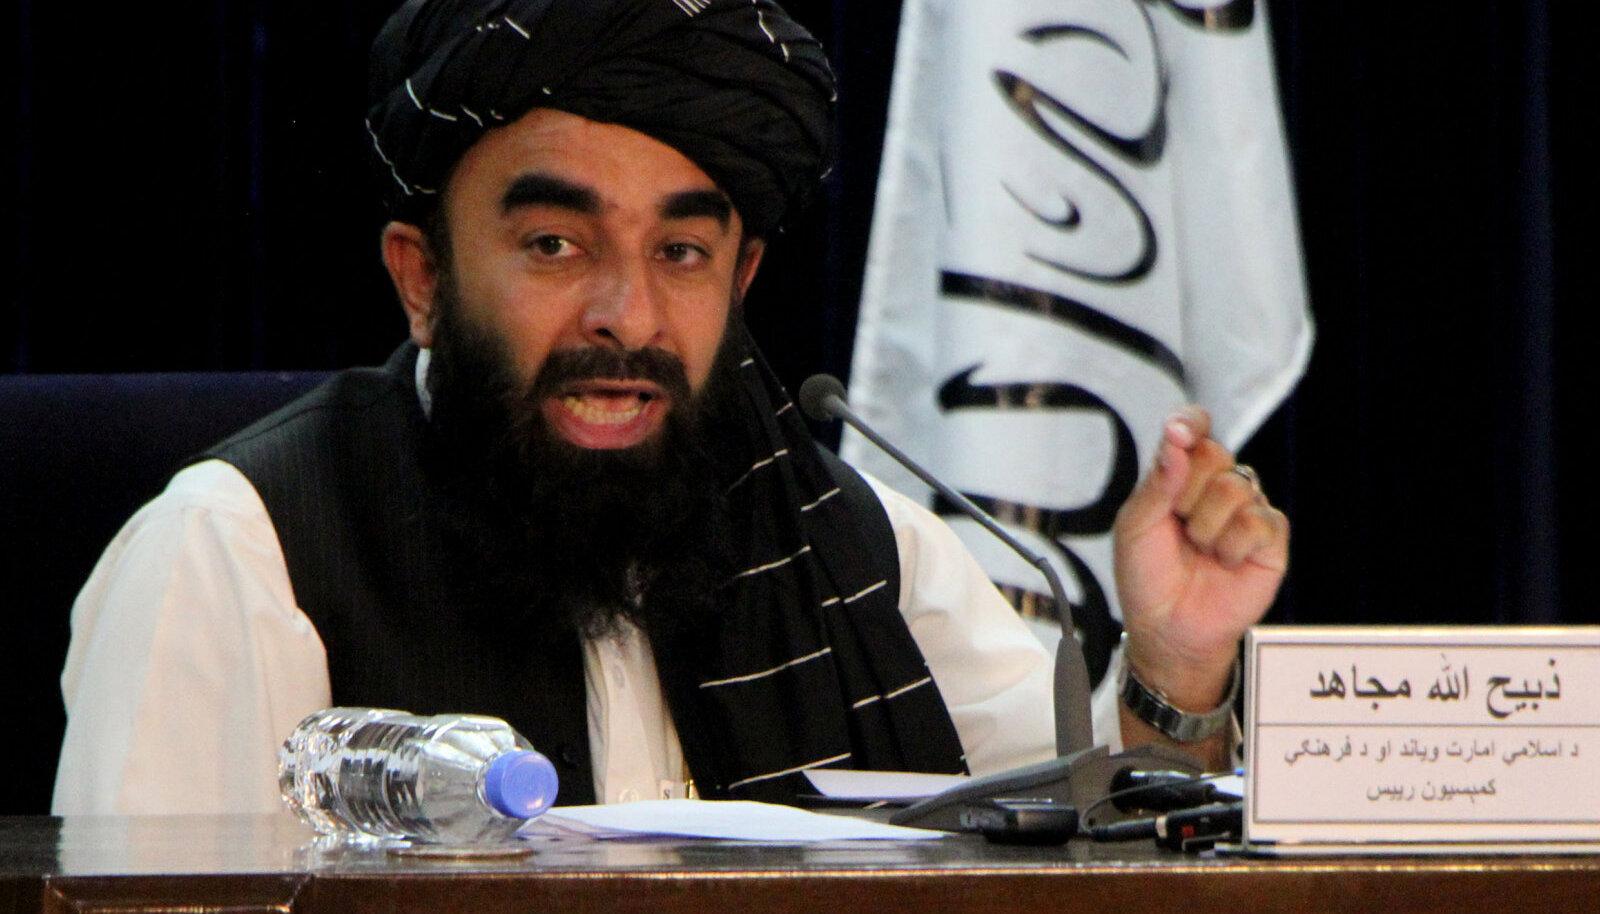 Ministrid ja valitsusjuht avalikkuse ette ei ilmunud, avalduse luges ette pressiesindaja Zabihullah Mujahid üksi